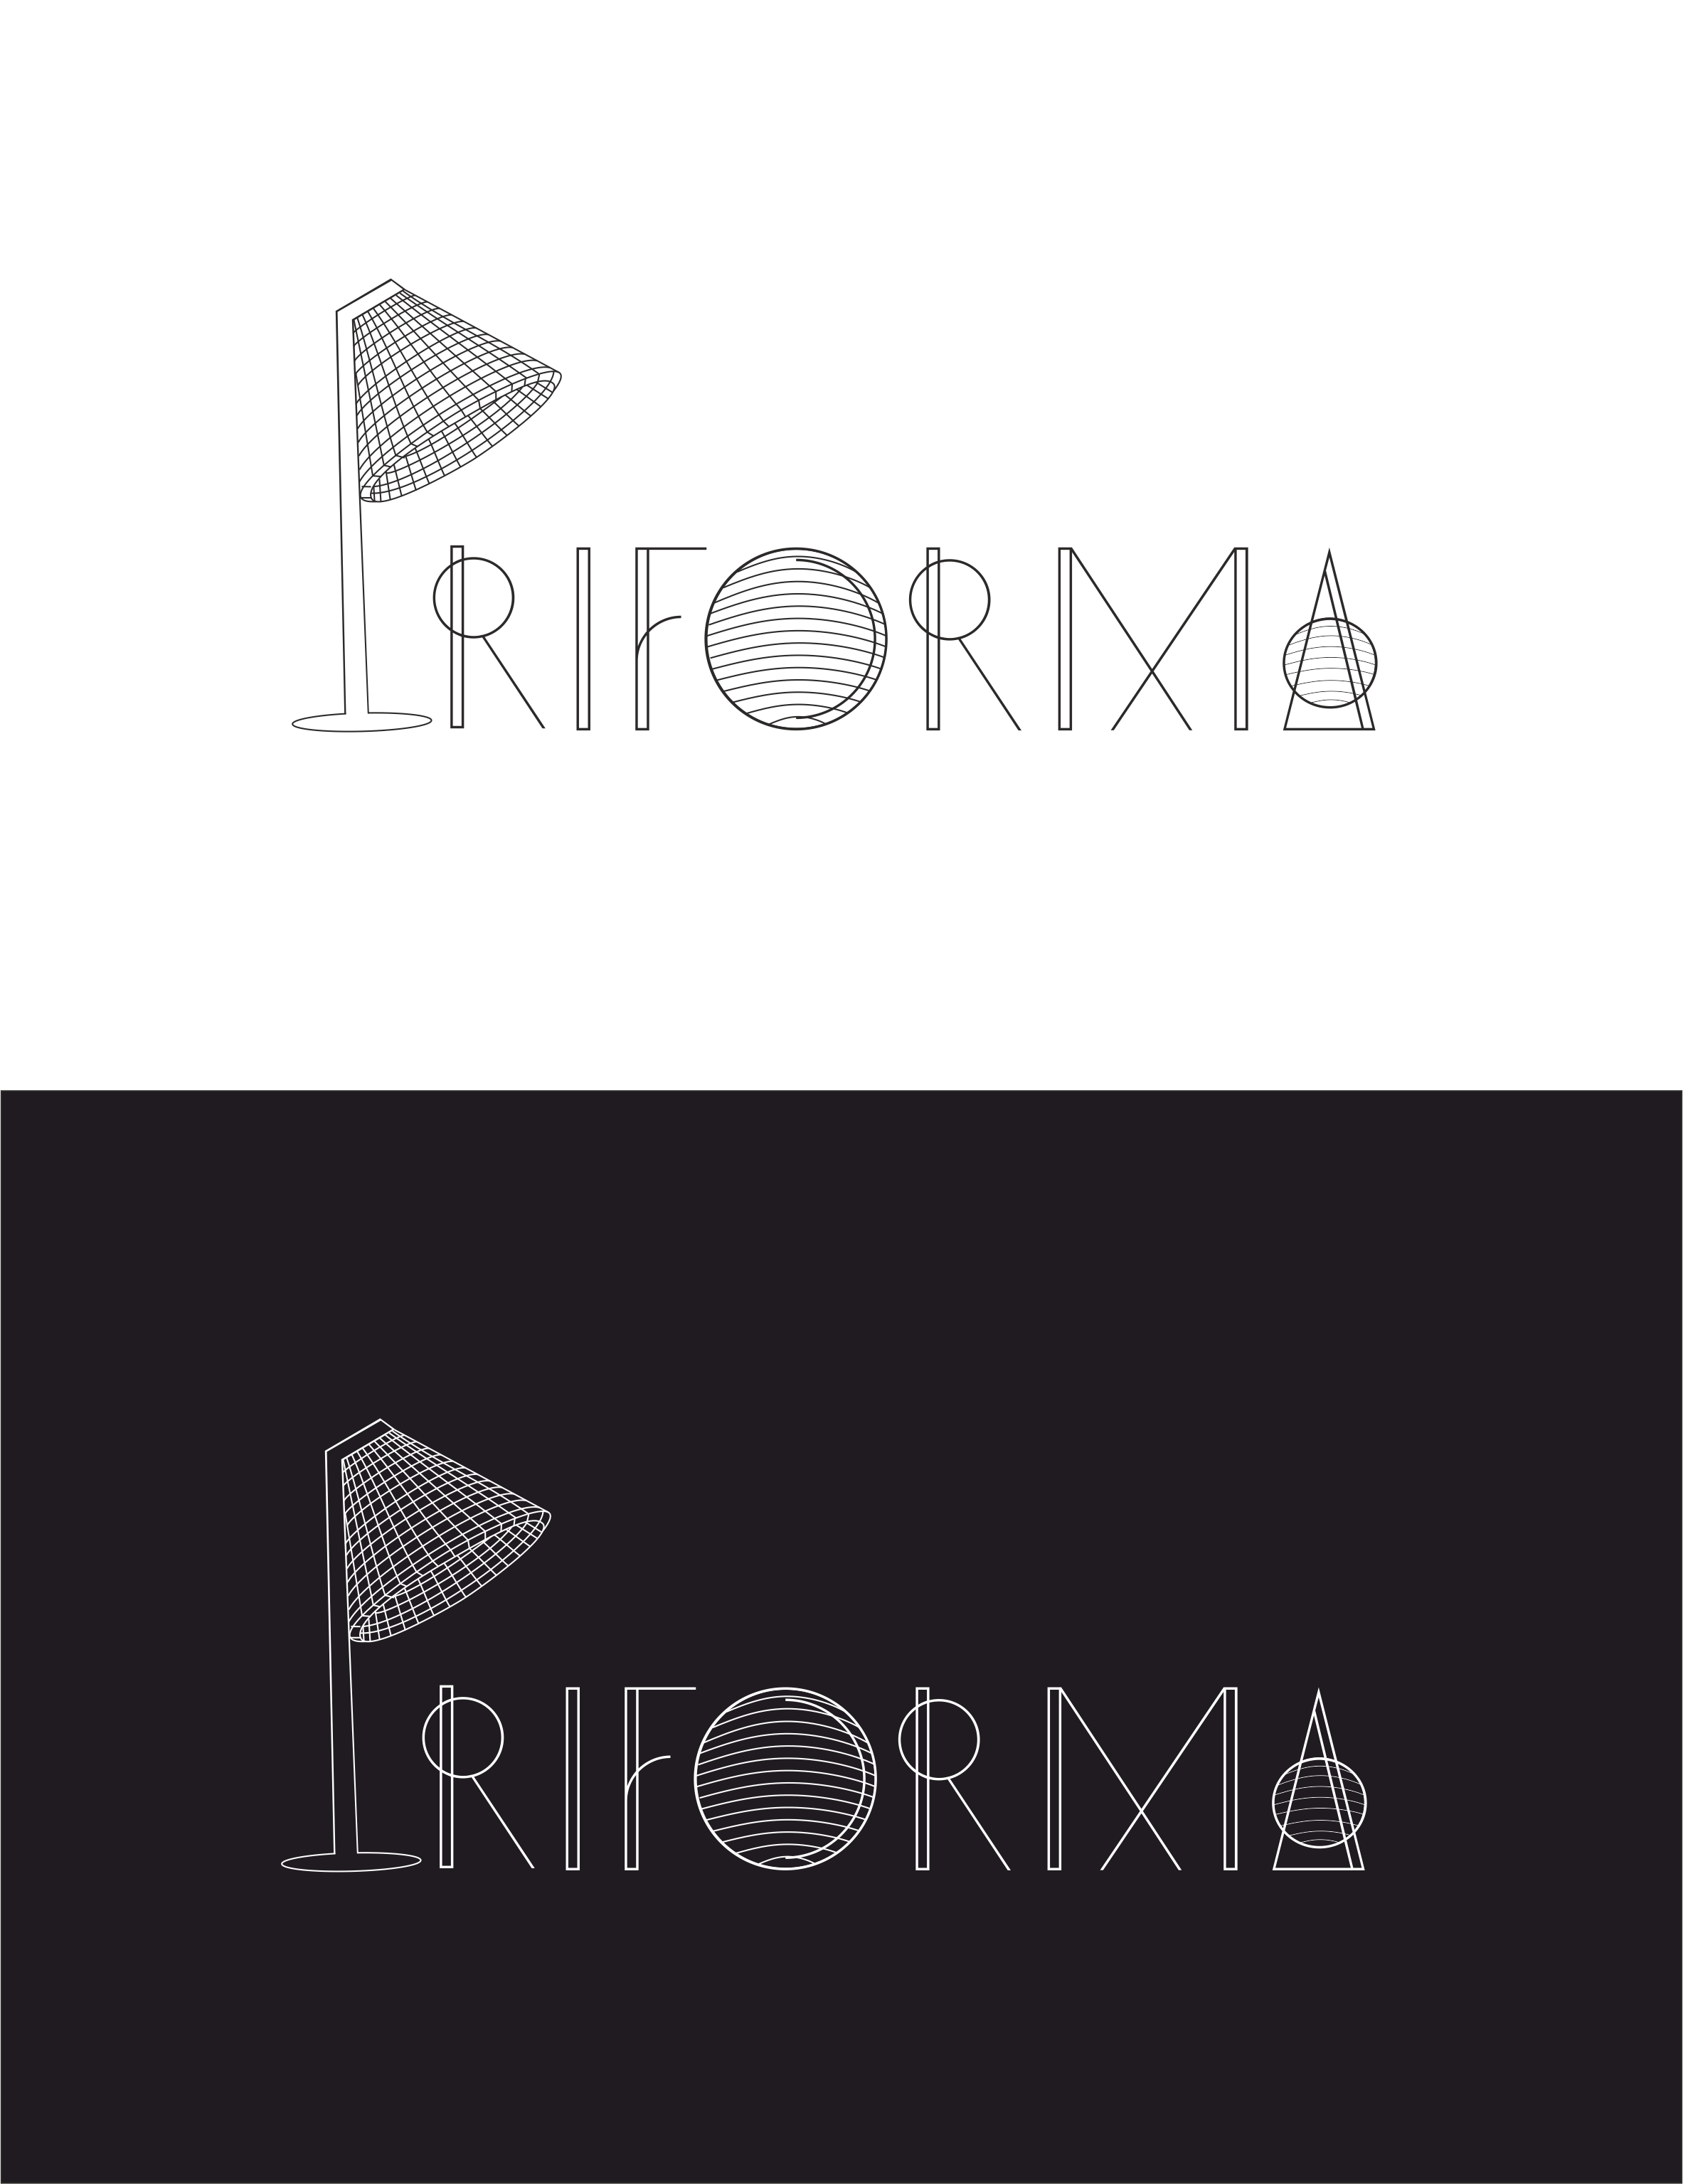 Разработка логотипа и элементов фирменного стиля фото f_88257a32cc49ff20.png